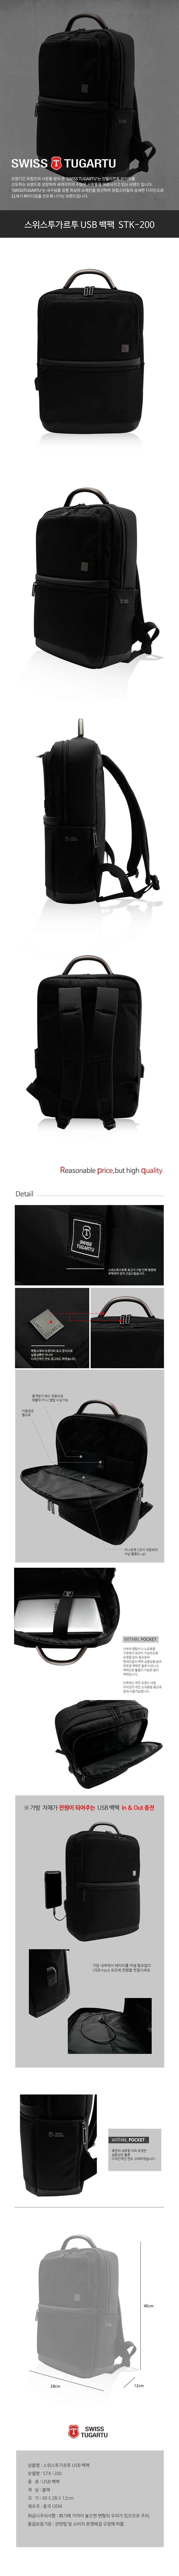 usb_backpack_detail.jpg